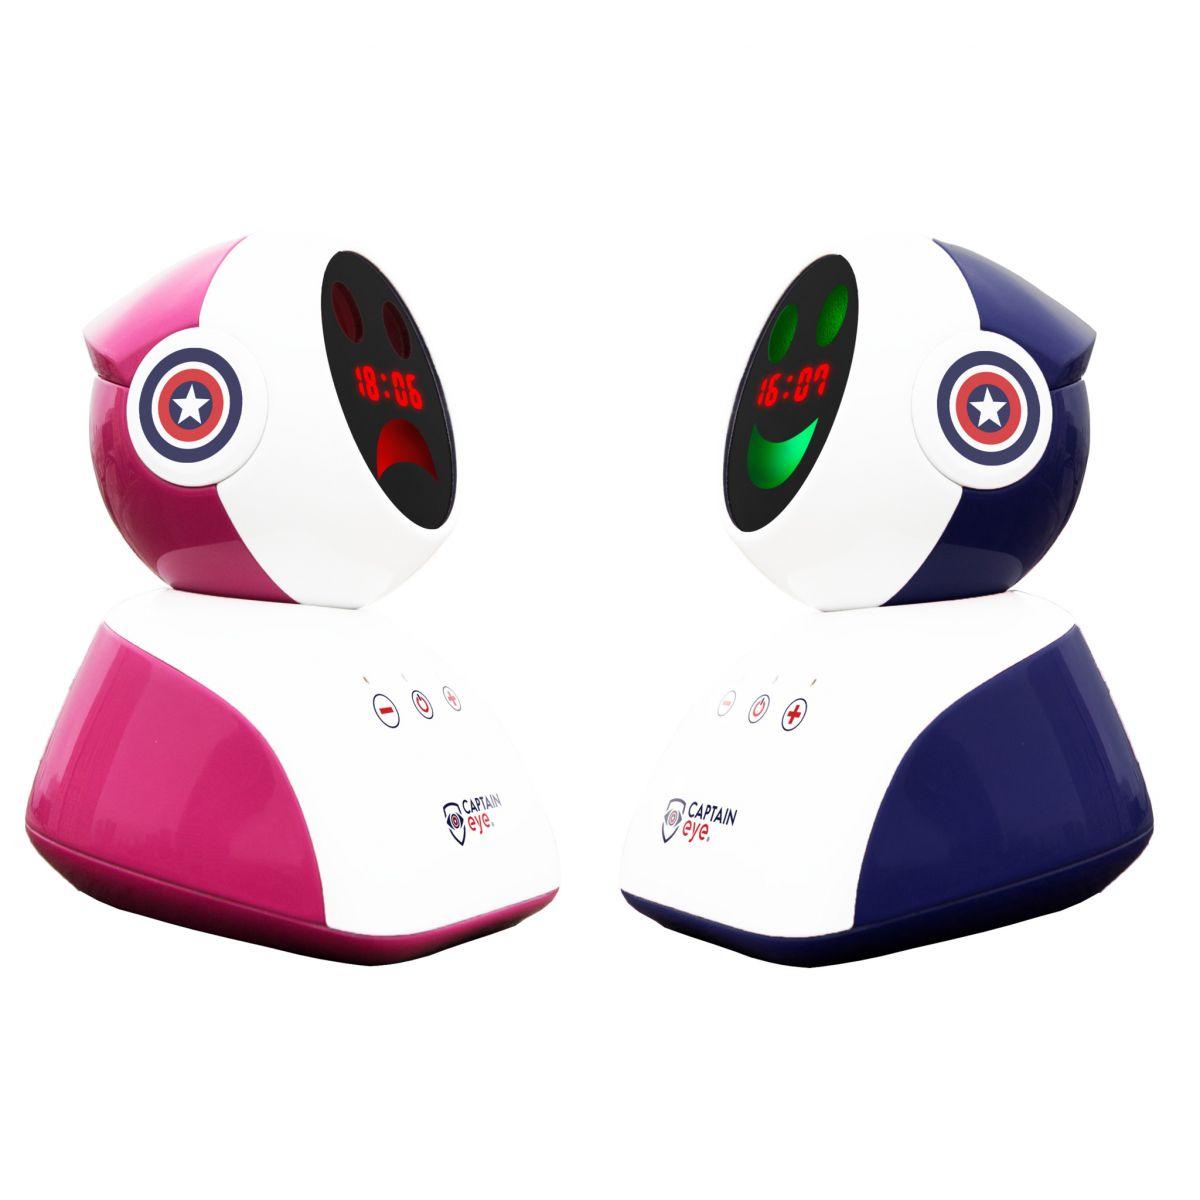 Captain Eye - Robot chống cận thị, gù lưng và hỗ trợ giám sát học tập trẻ em Plus 4.0